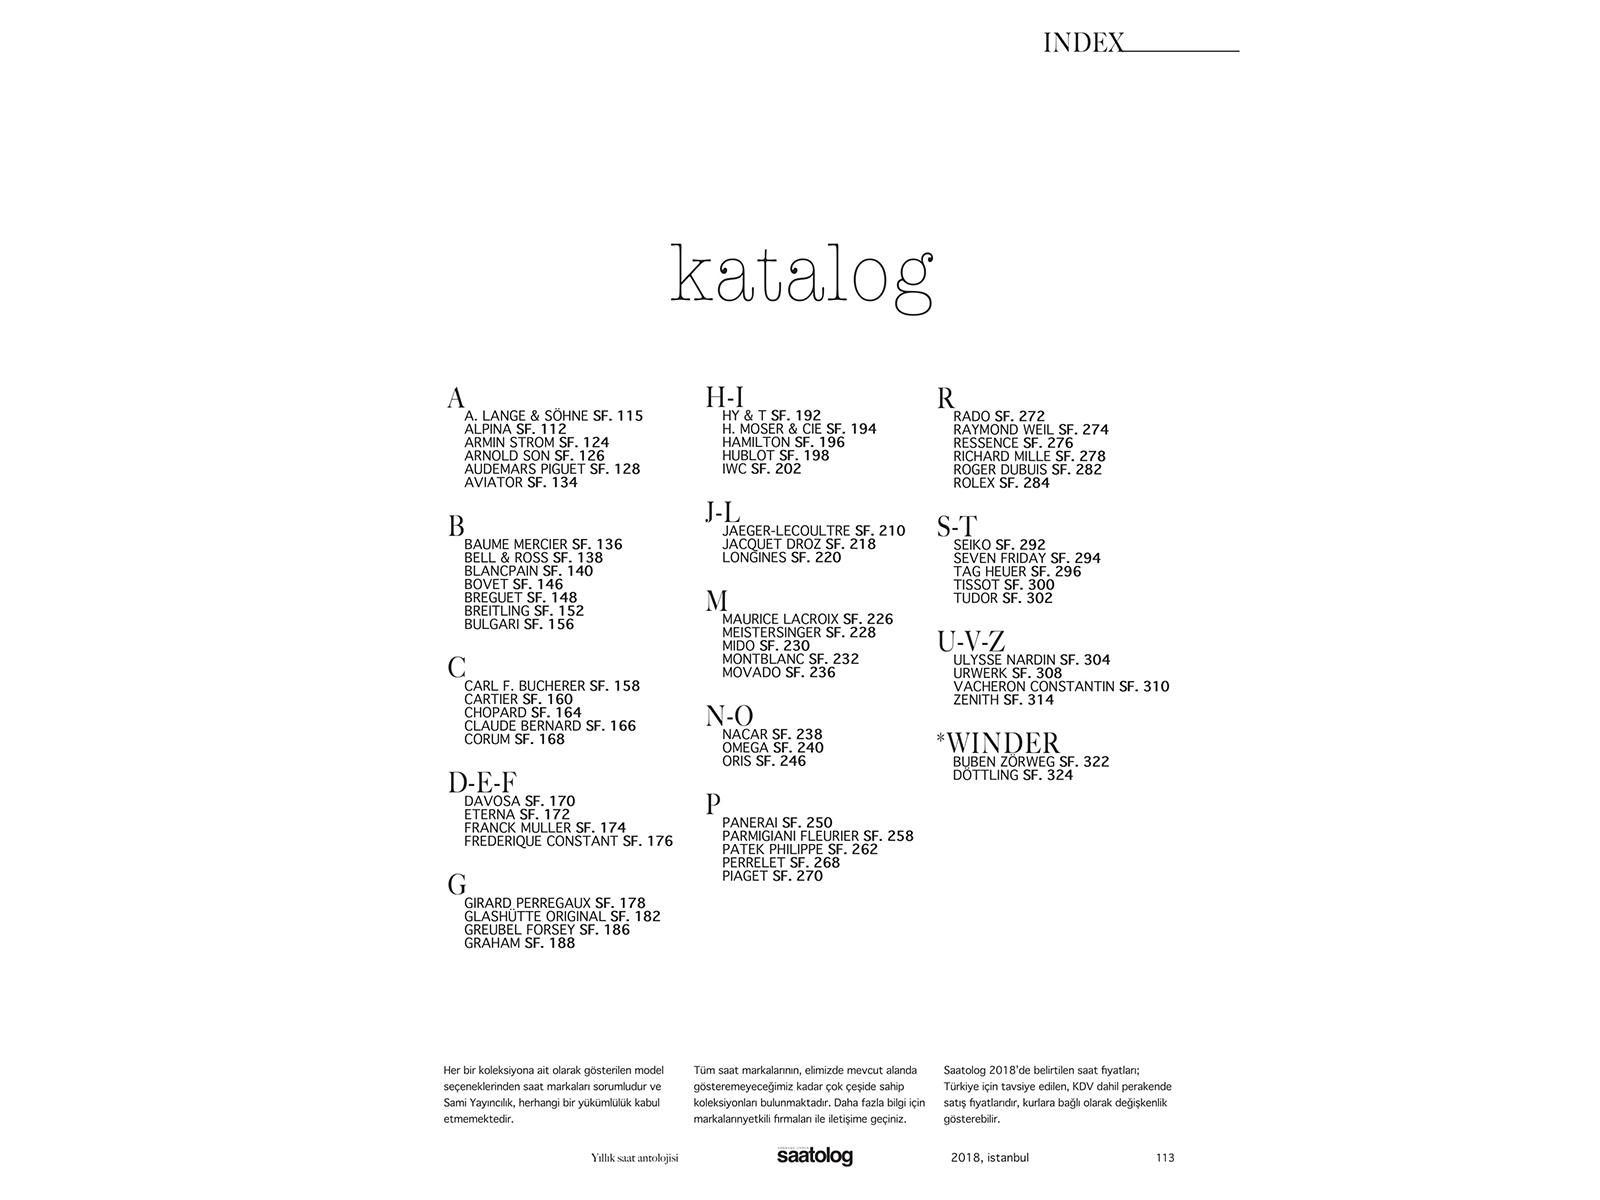 saatolog-2018-2.jpg